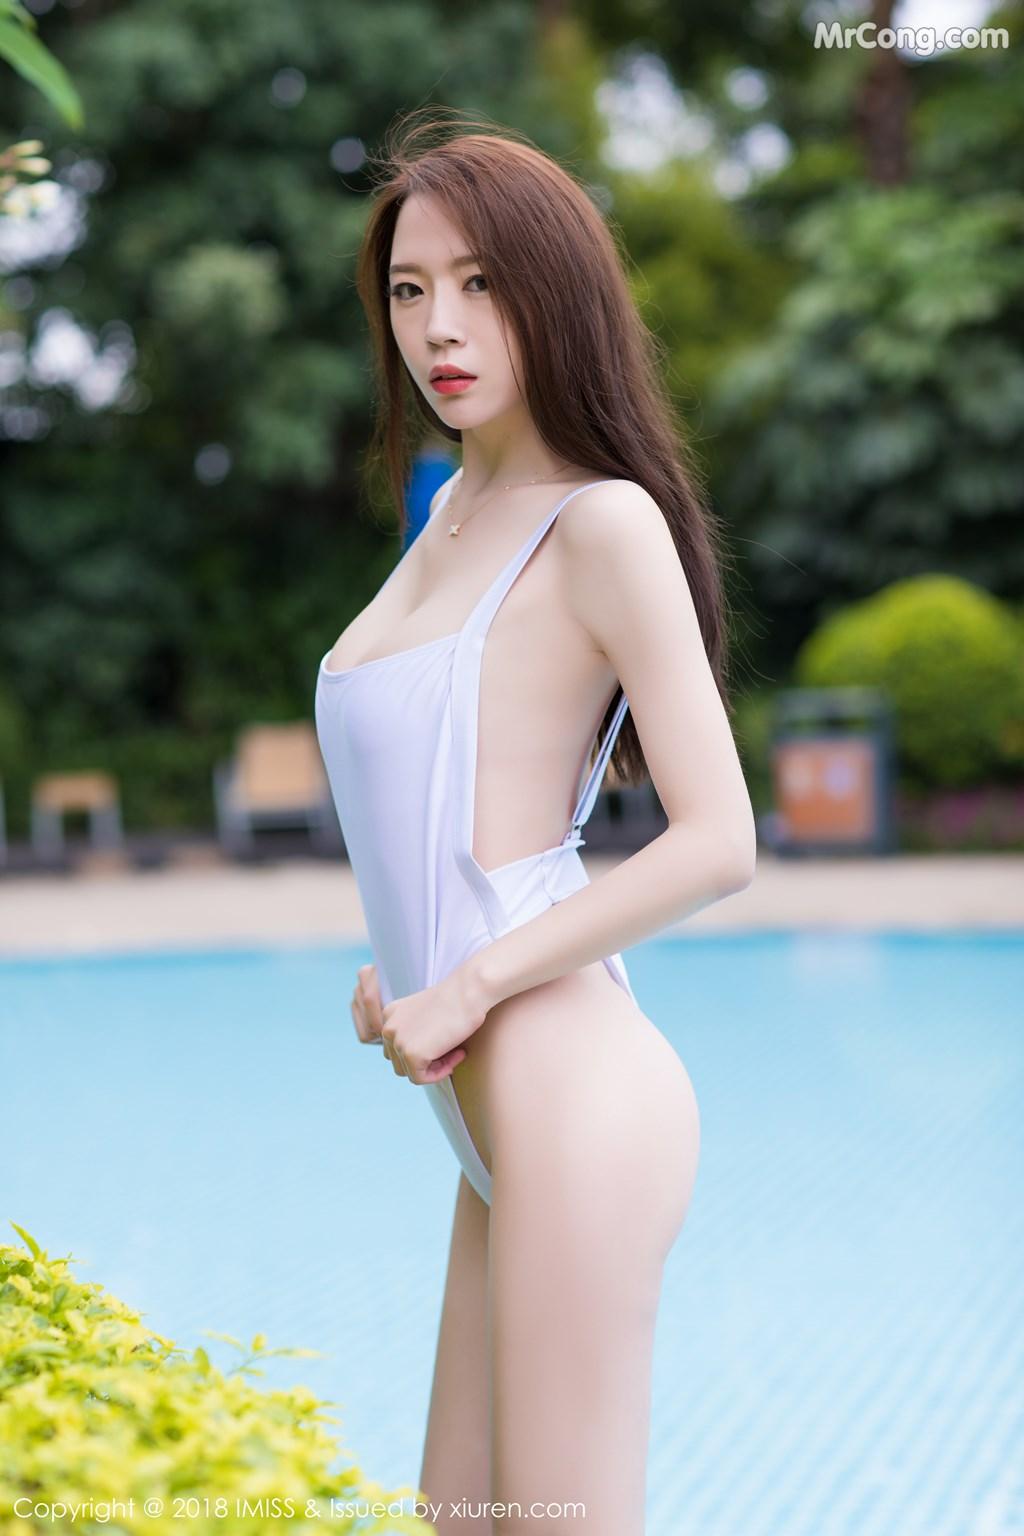 Image IMISS-Vol.226-Meng-Xin-Yue-MrCong.com-010 in post IMISS Vol.226: Người mẫu Meng Xin Yue (梦心月) (40 ảnh)